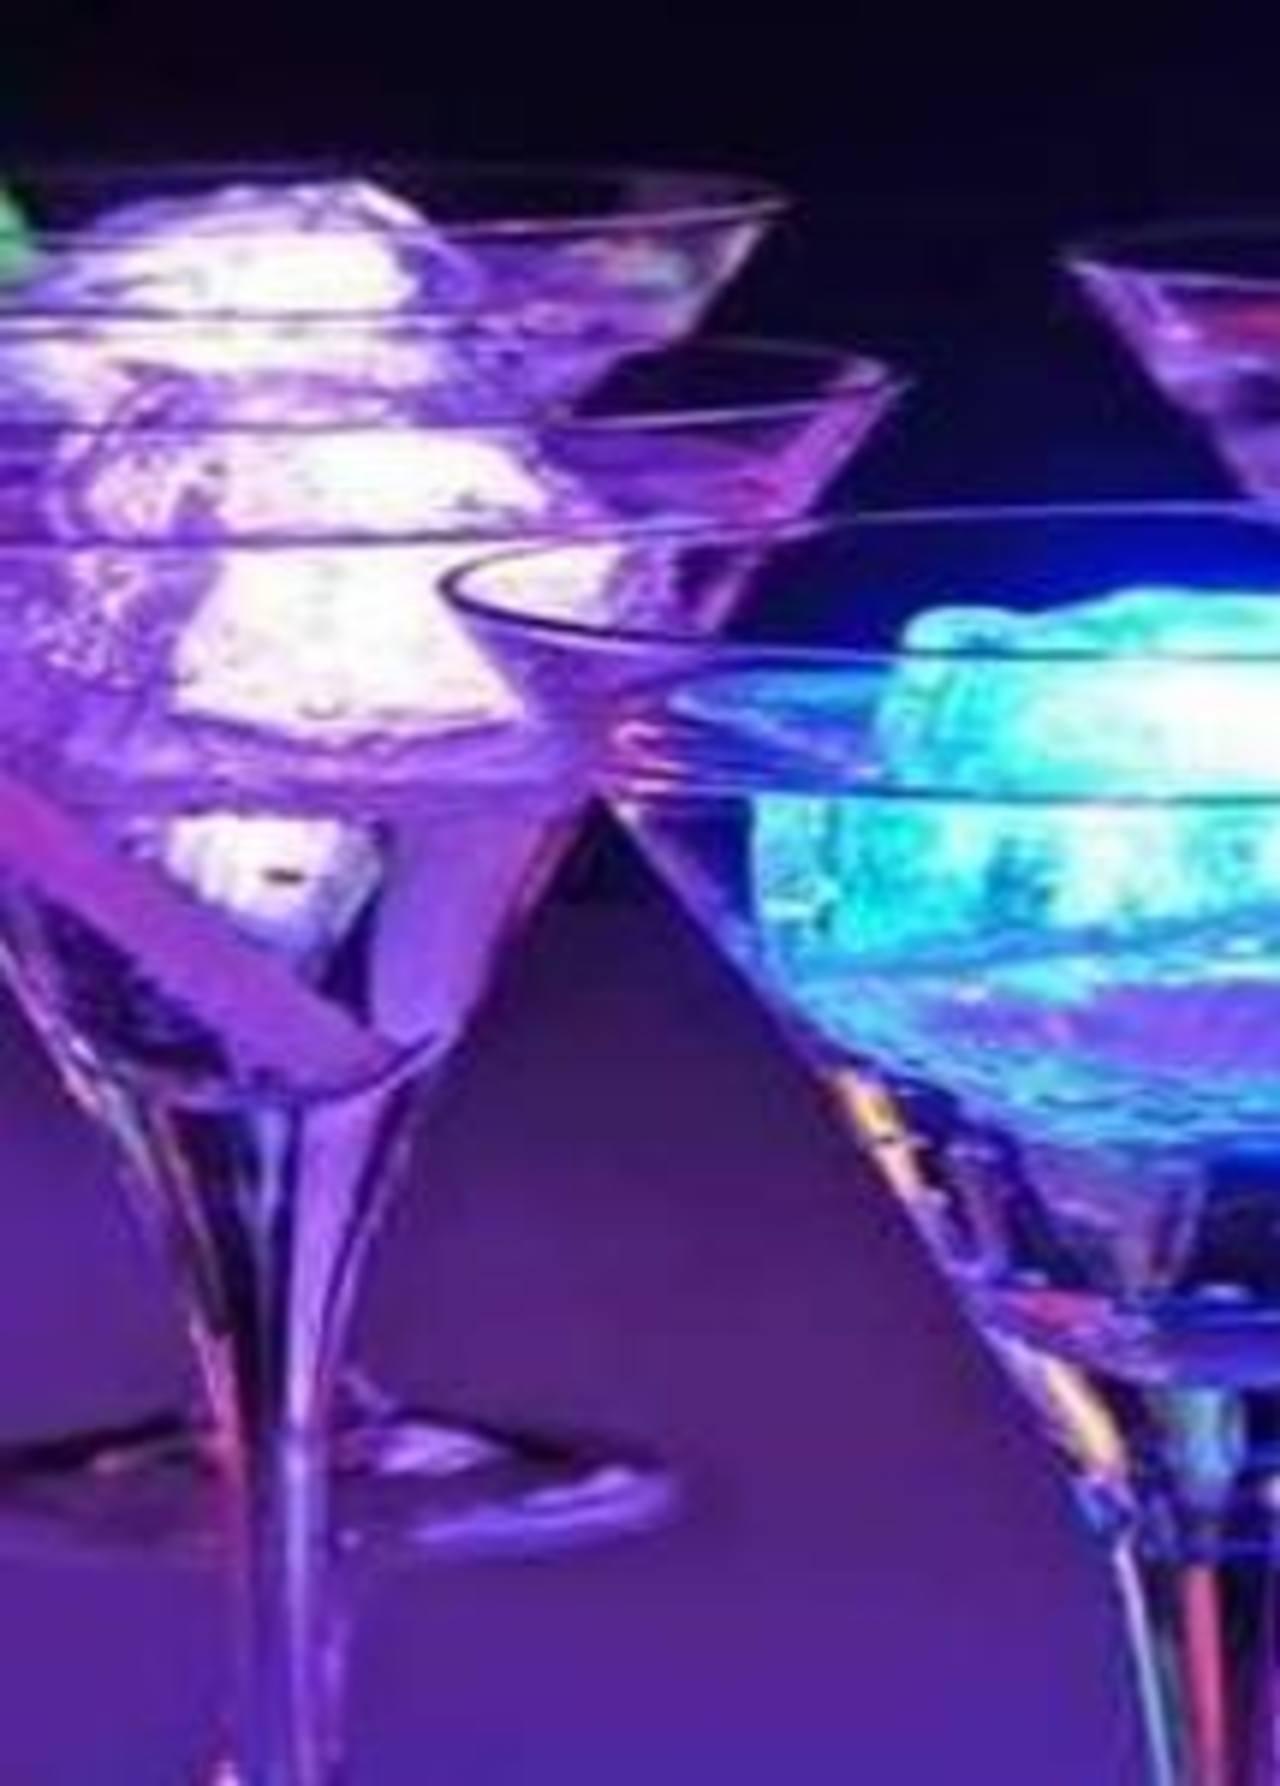 Cheers, el hielo que avisa cuándo dejar de beber